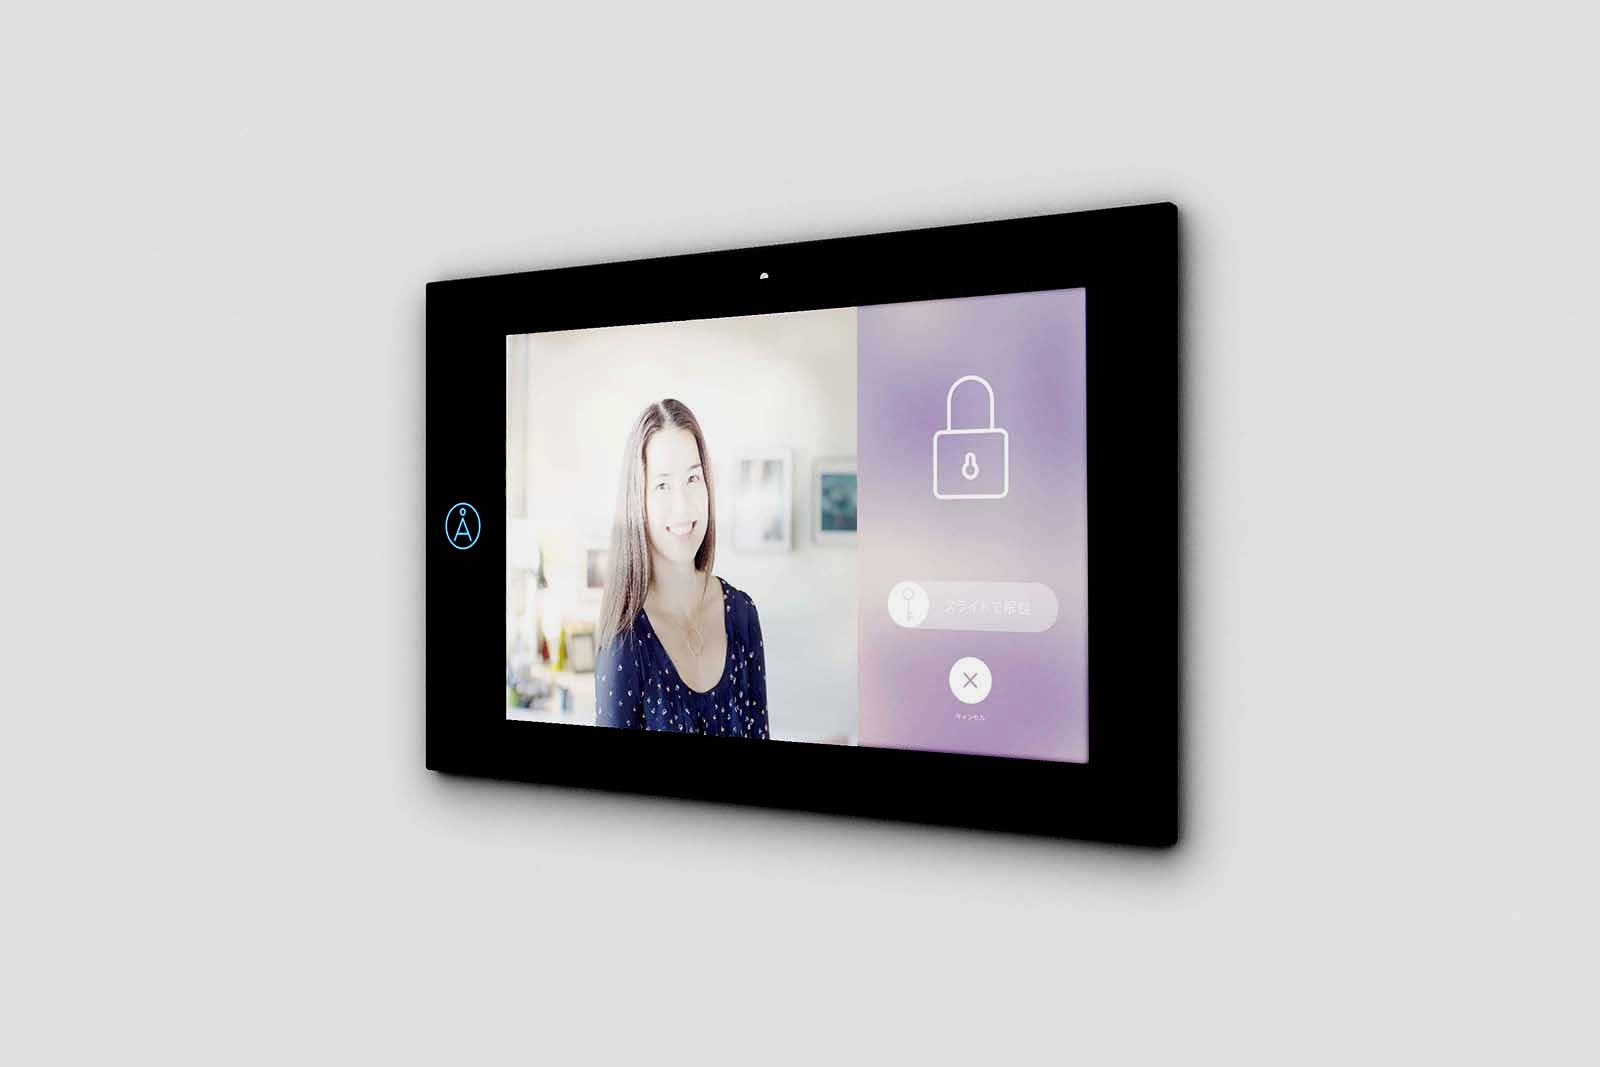 スマートドアホン「TATERU kit」イメージ(室内タブレット)